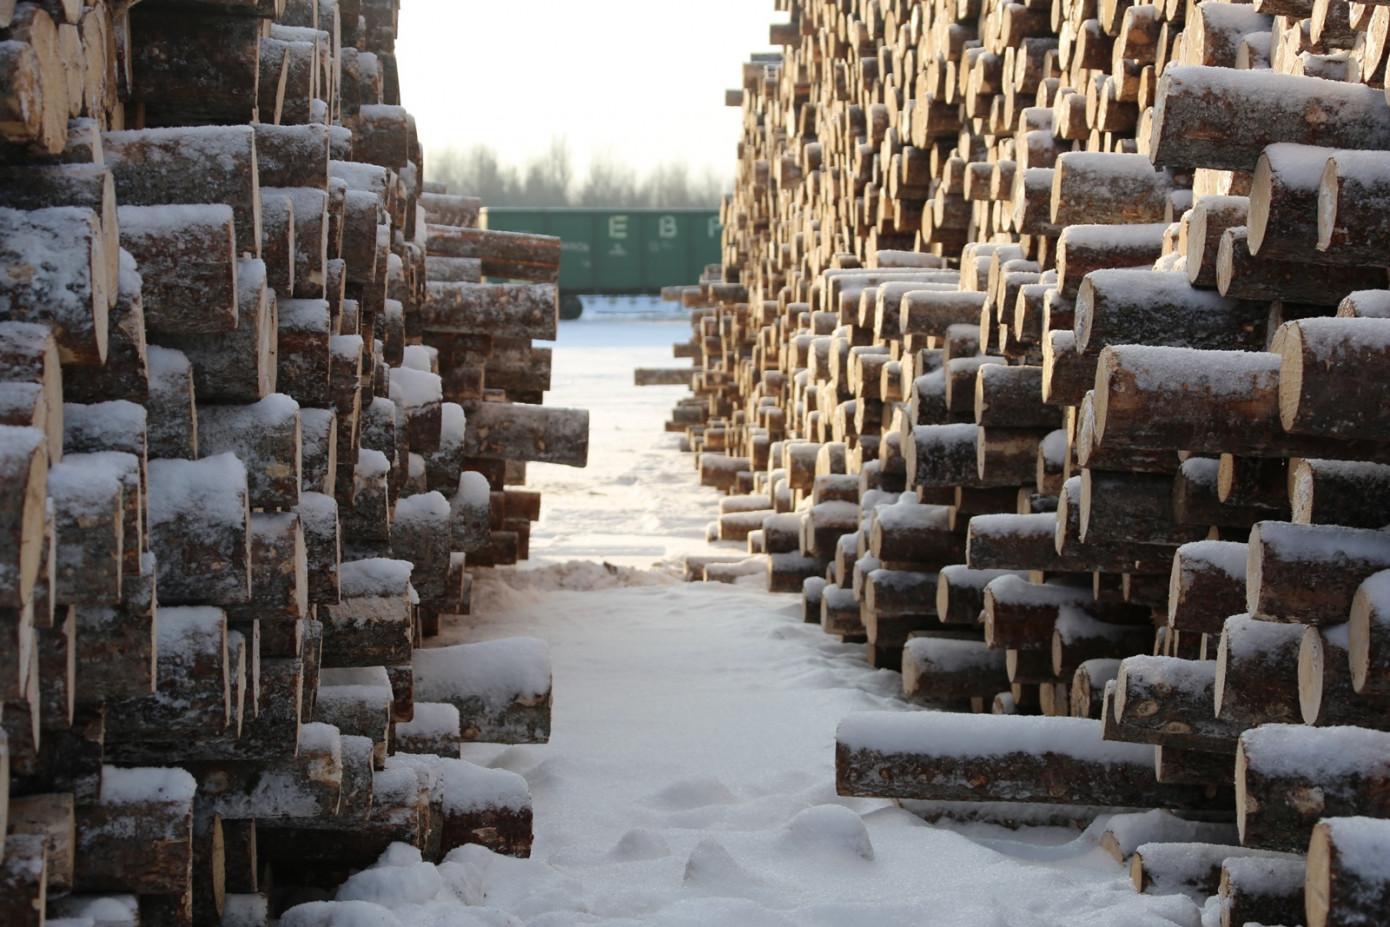 Госдума приняла закон о сроке пребывания в реестре недобросовестных арендаторов лесных участков